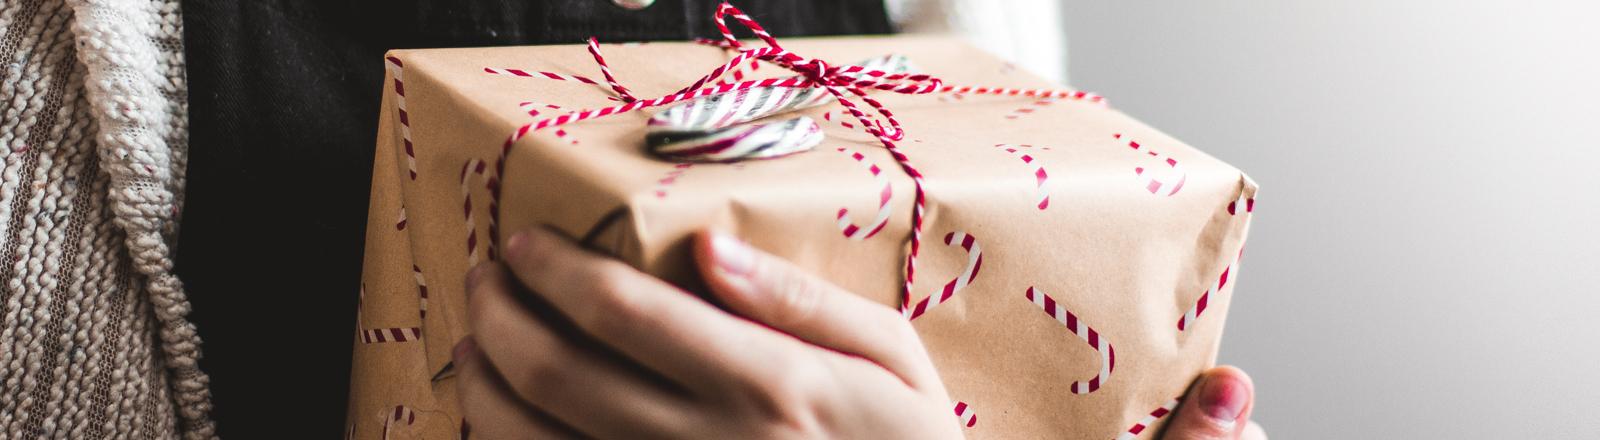 Frau hält Geschenk im Arm